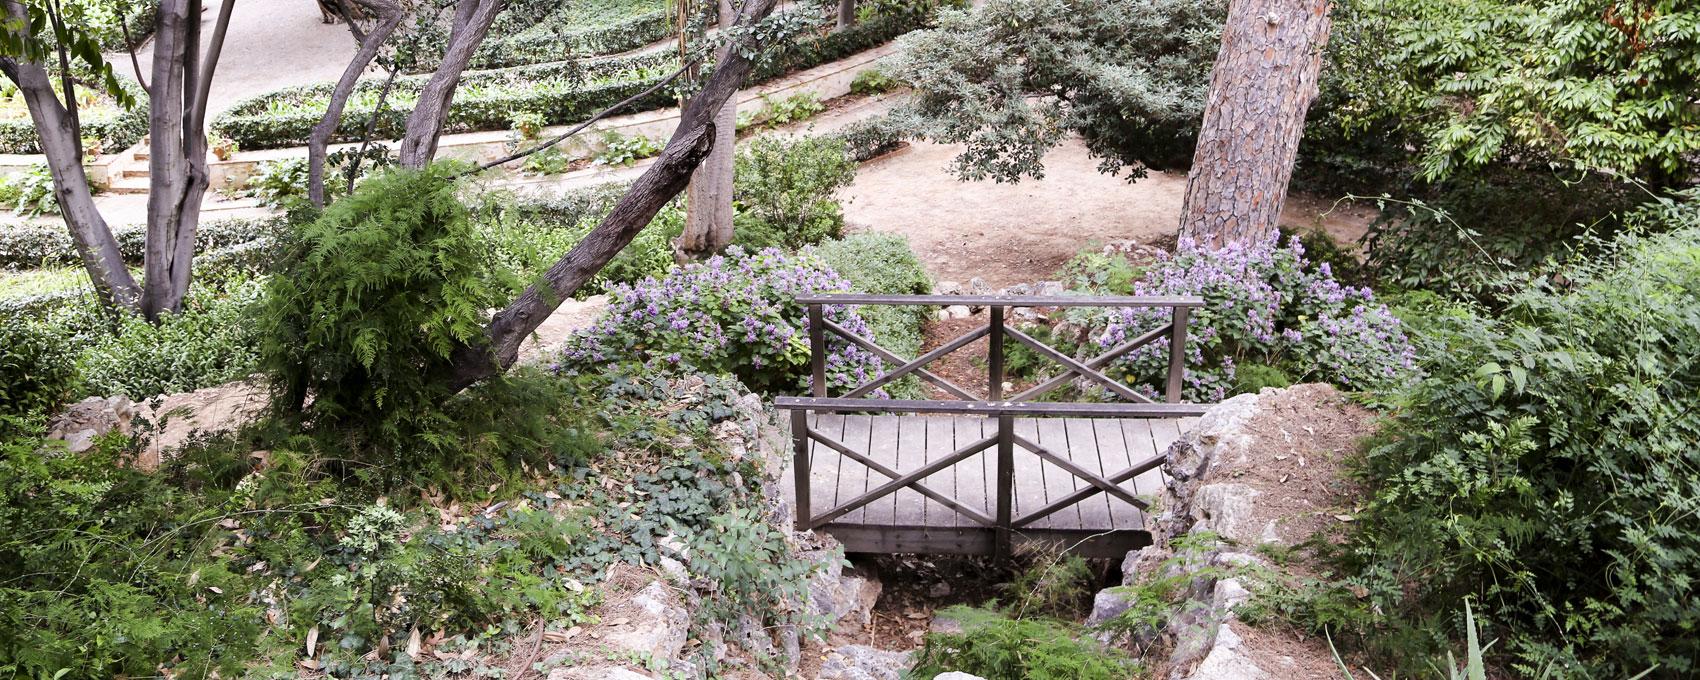 Pont de fusta sobre la Gruta situada al peu de la muntanyeta en la part que enfronta a l'estany